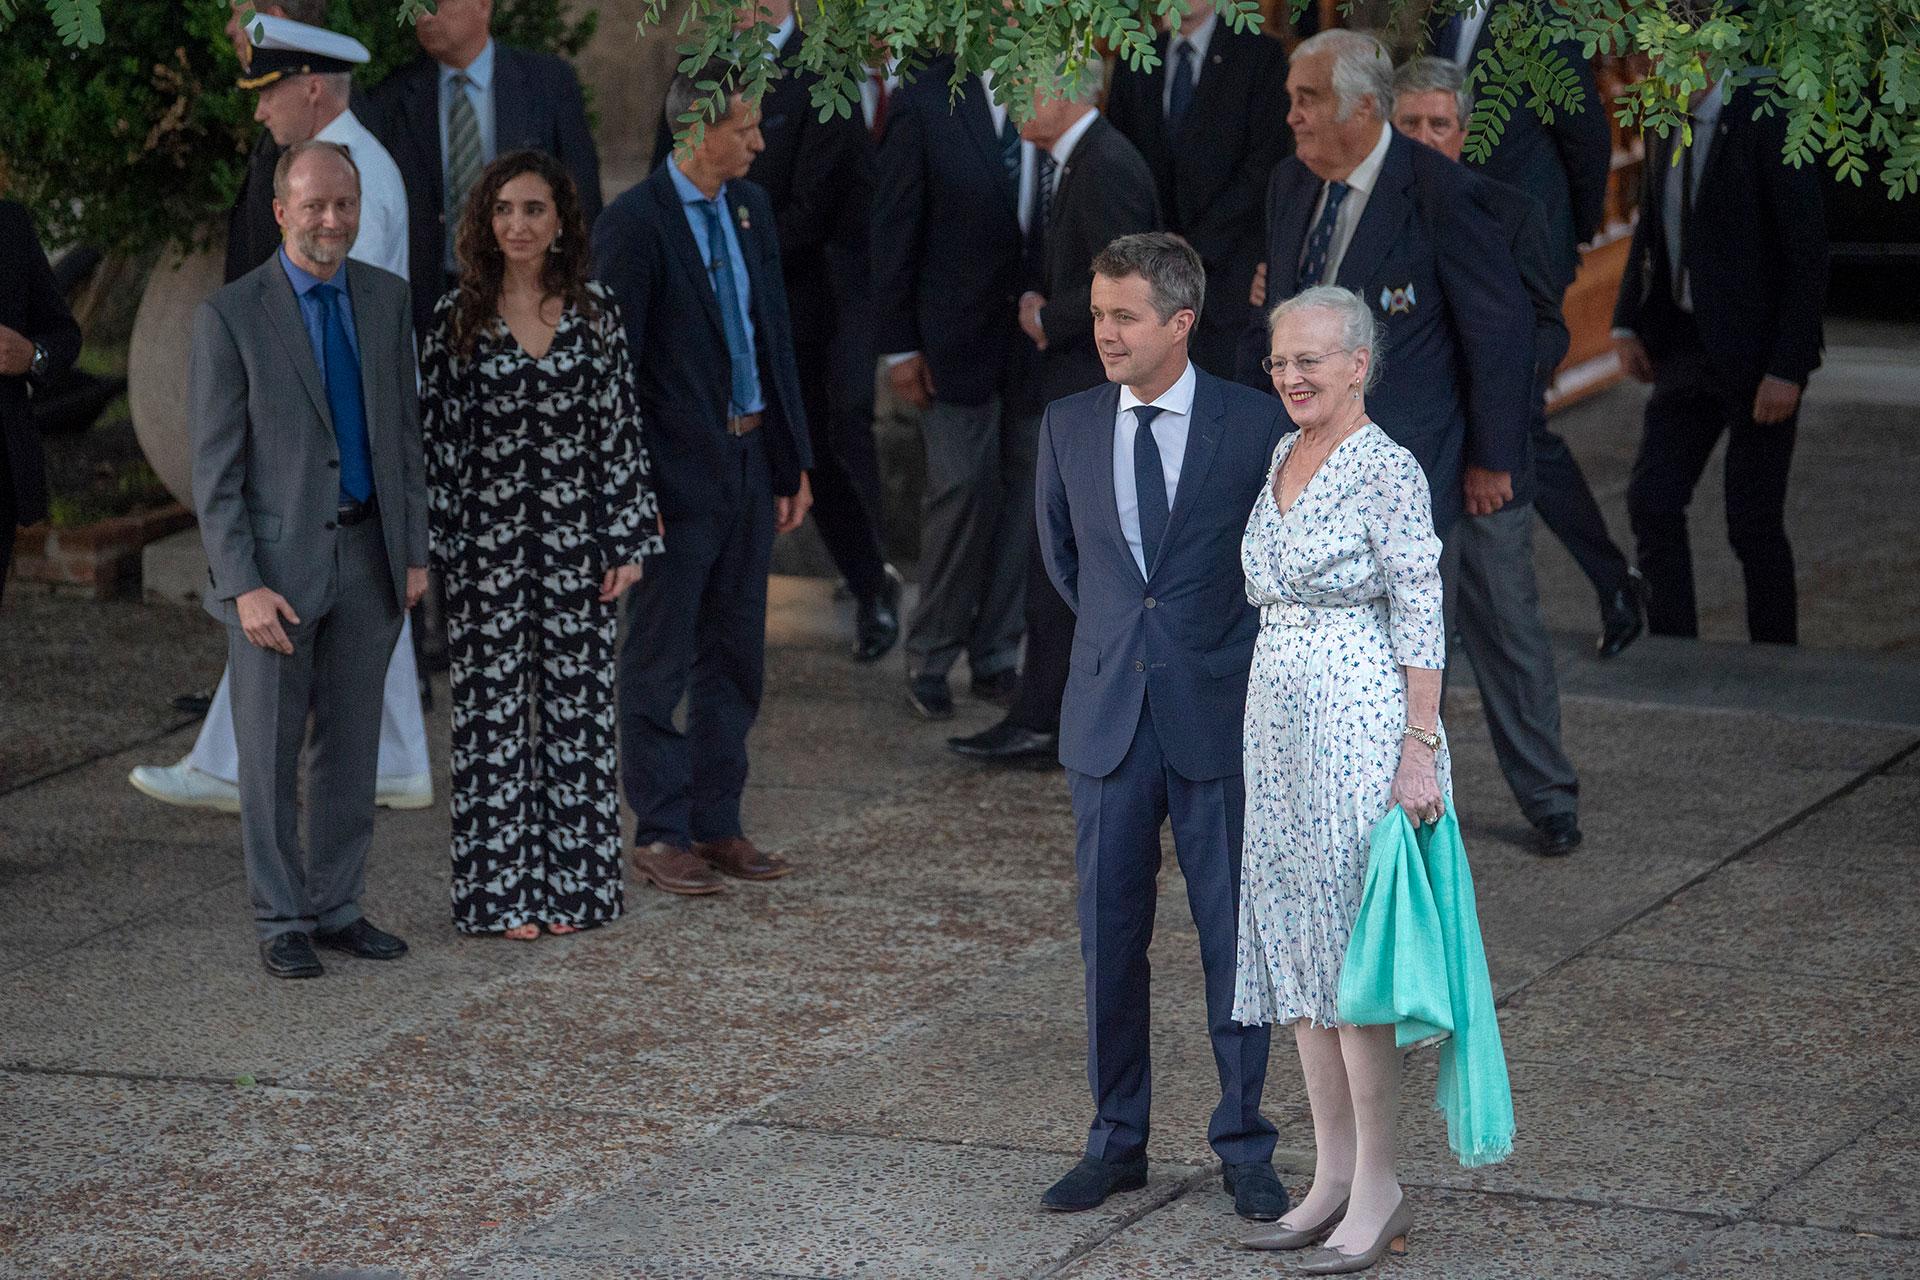 La recepción fue parte de las actividades del día 1 de las visita de Estado